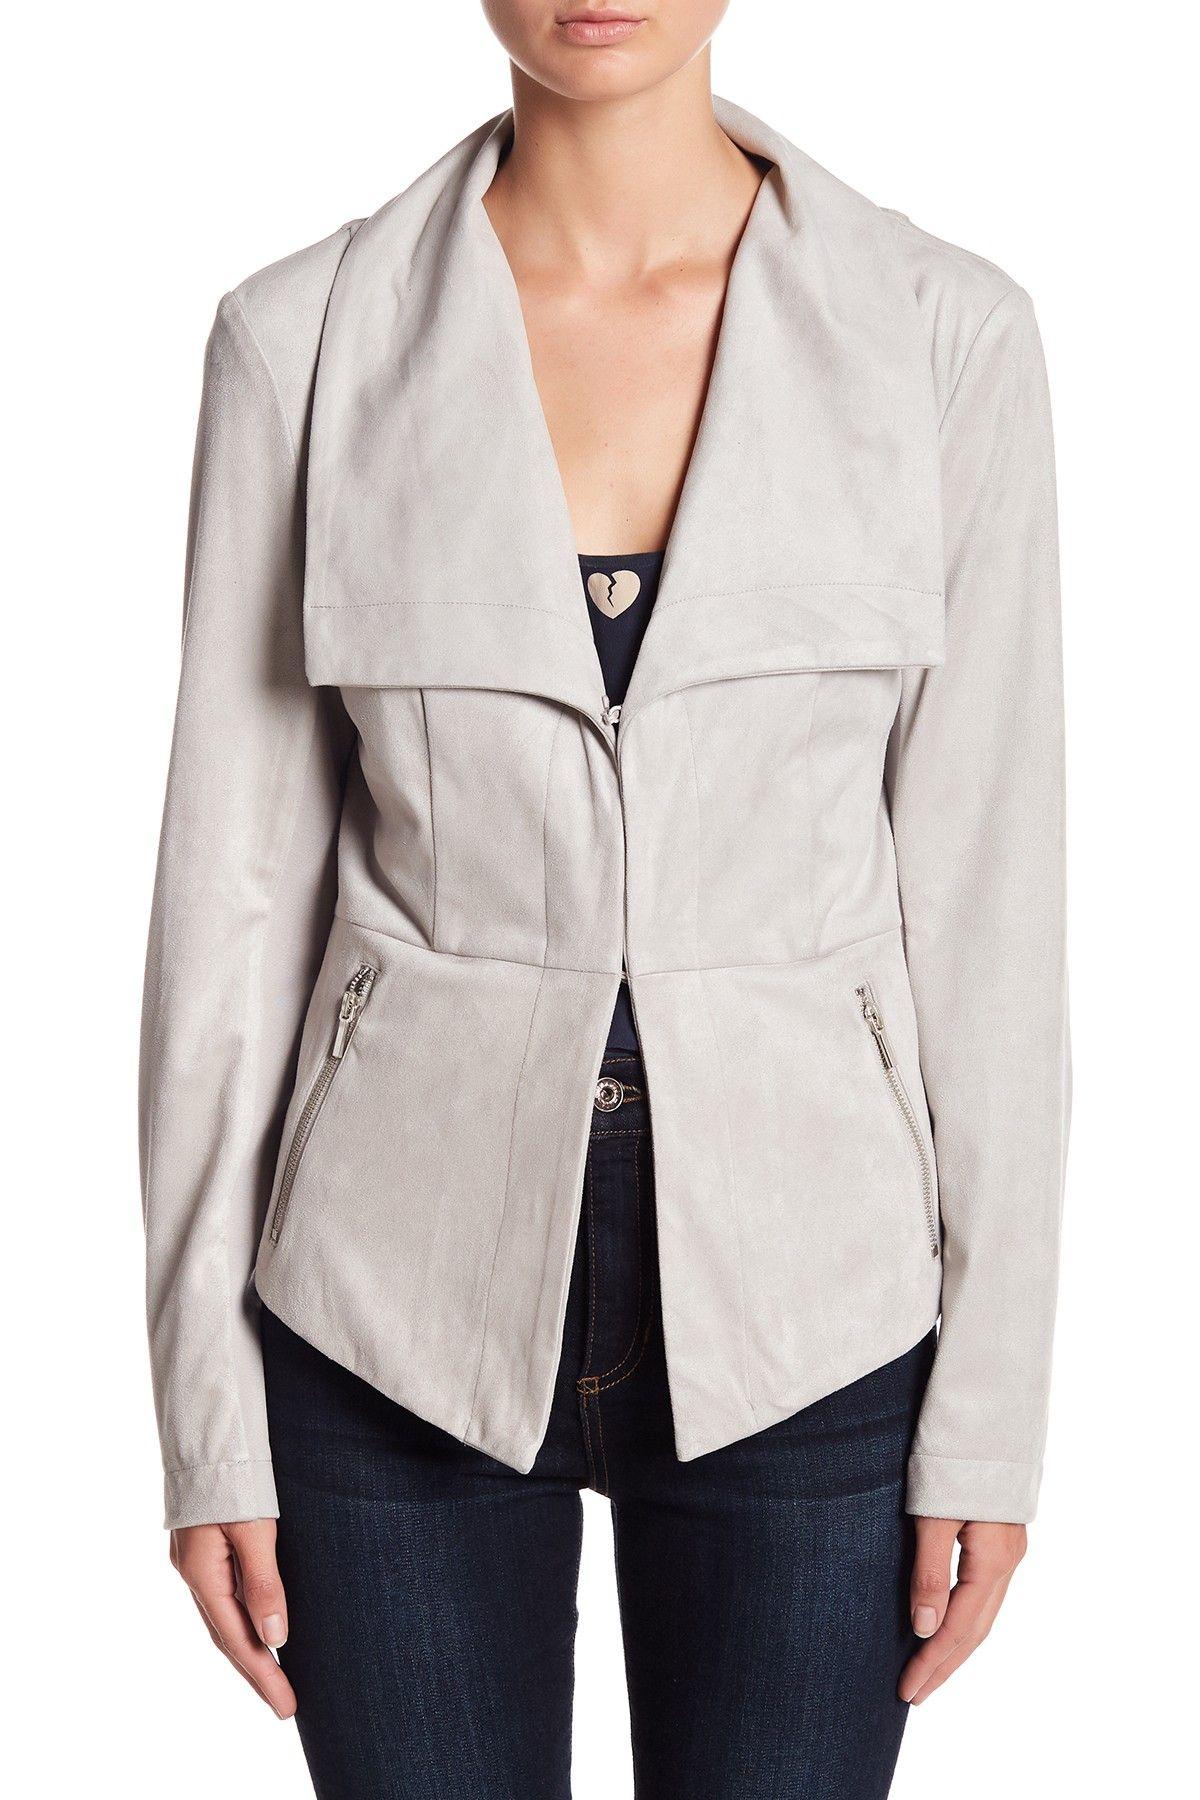 Blanc Noir Faux Suede Drape Jacket (With images) Drape